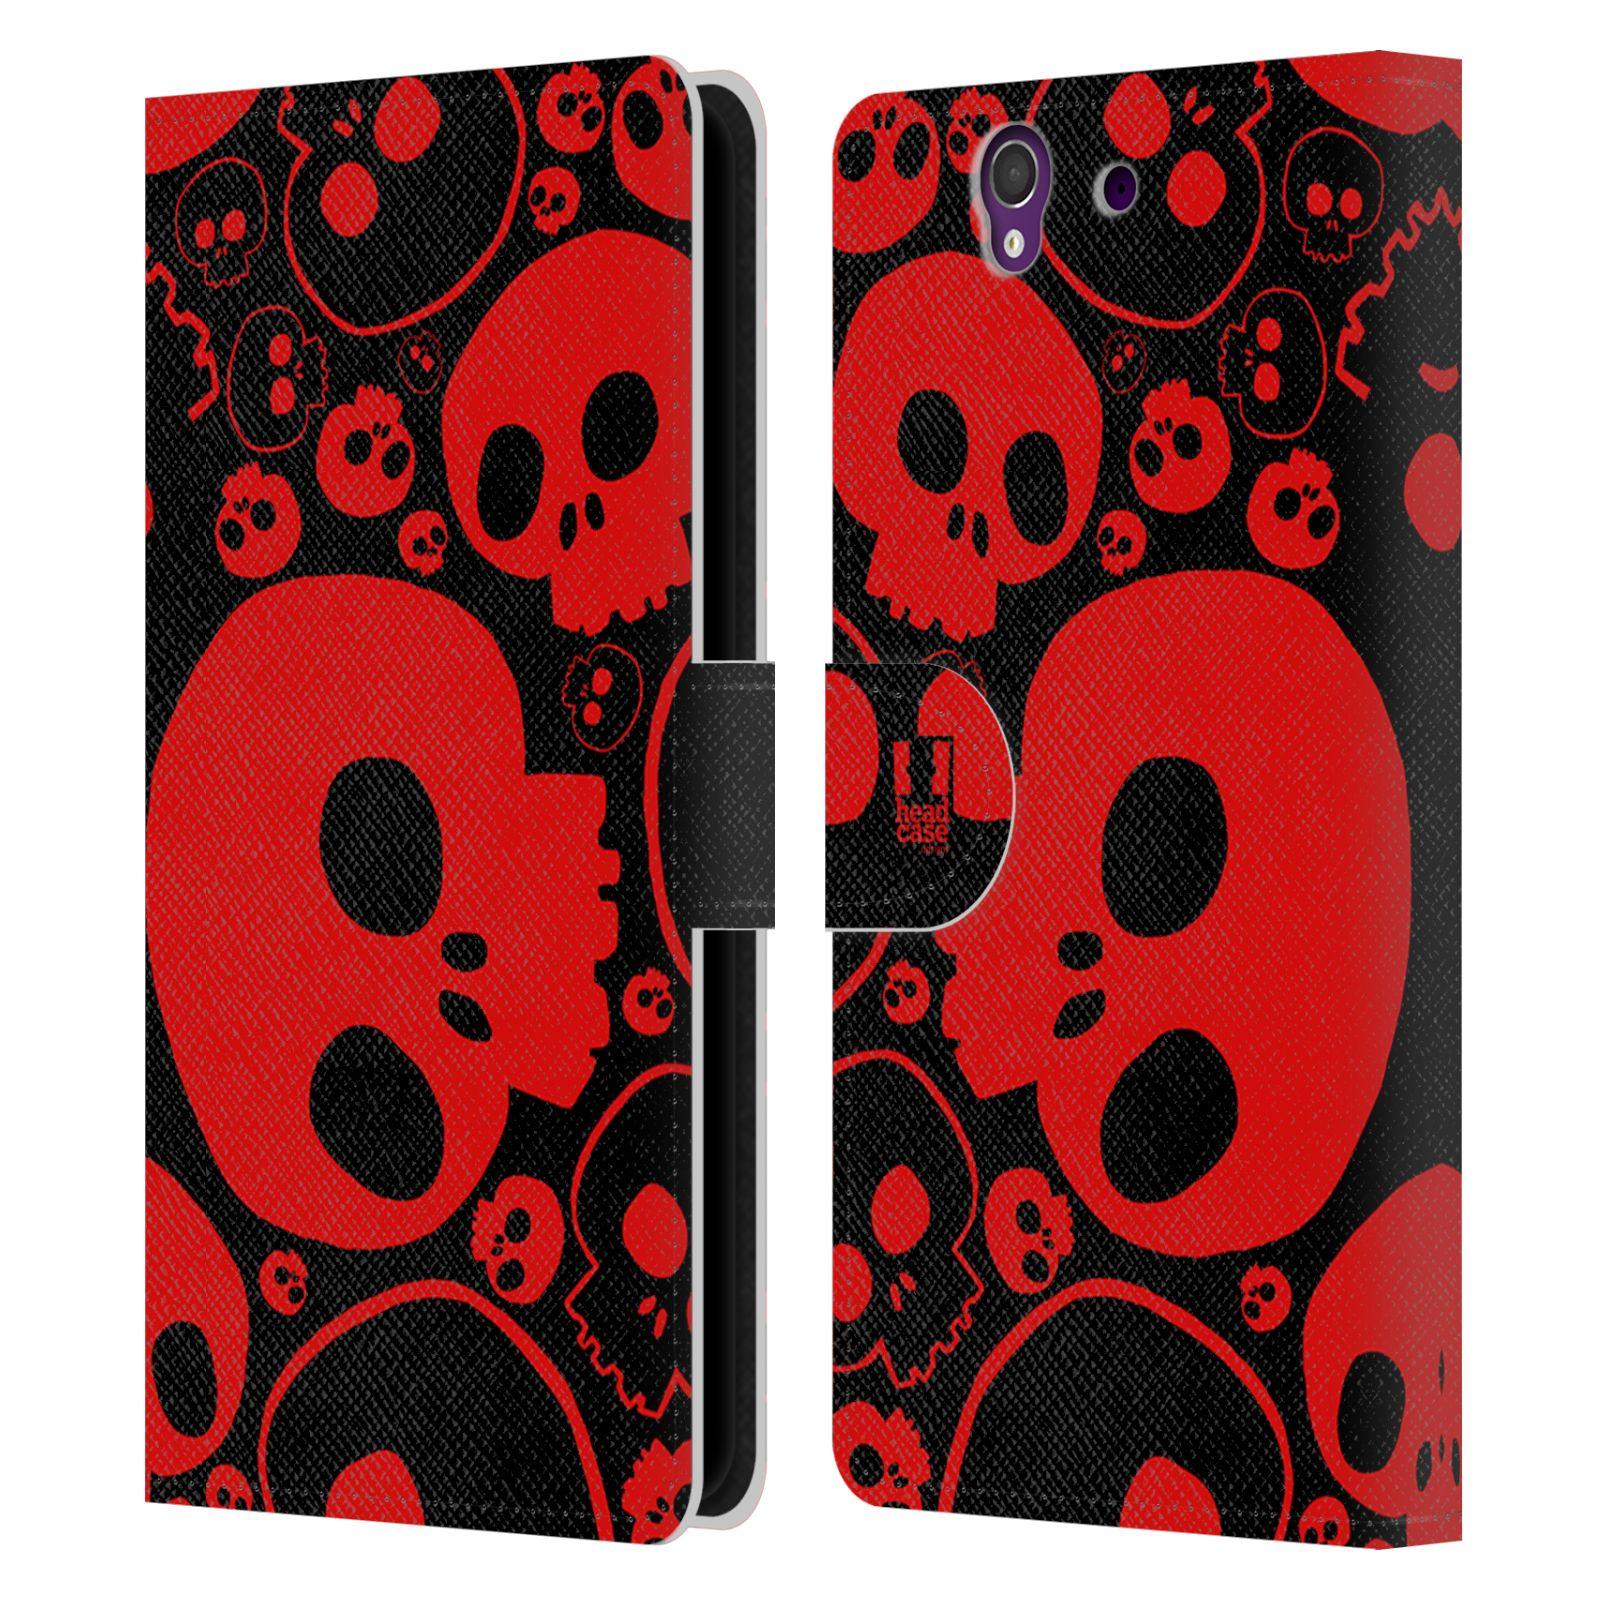 HEAD CASE Flipové pouzdro pro mobil SONY XPERIA Z (C6603) barevné lebky červená